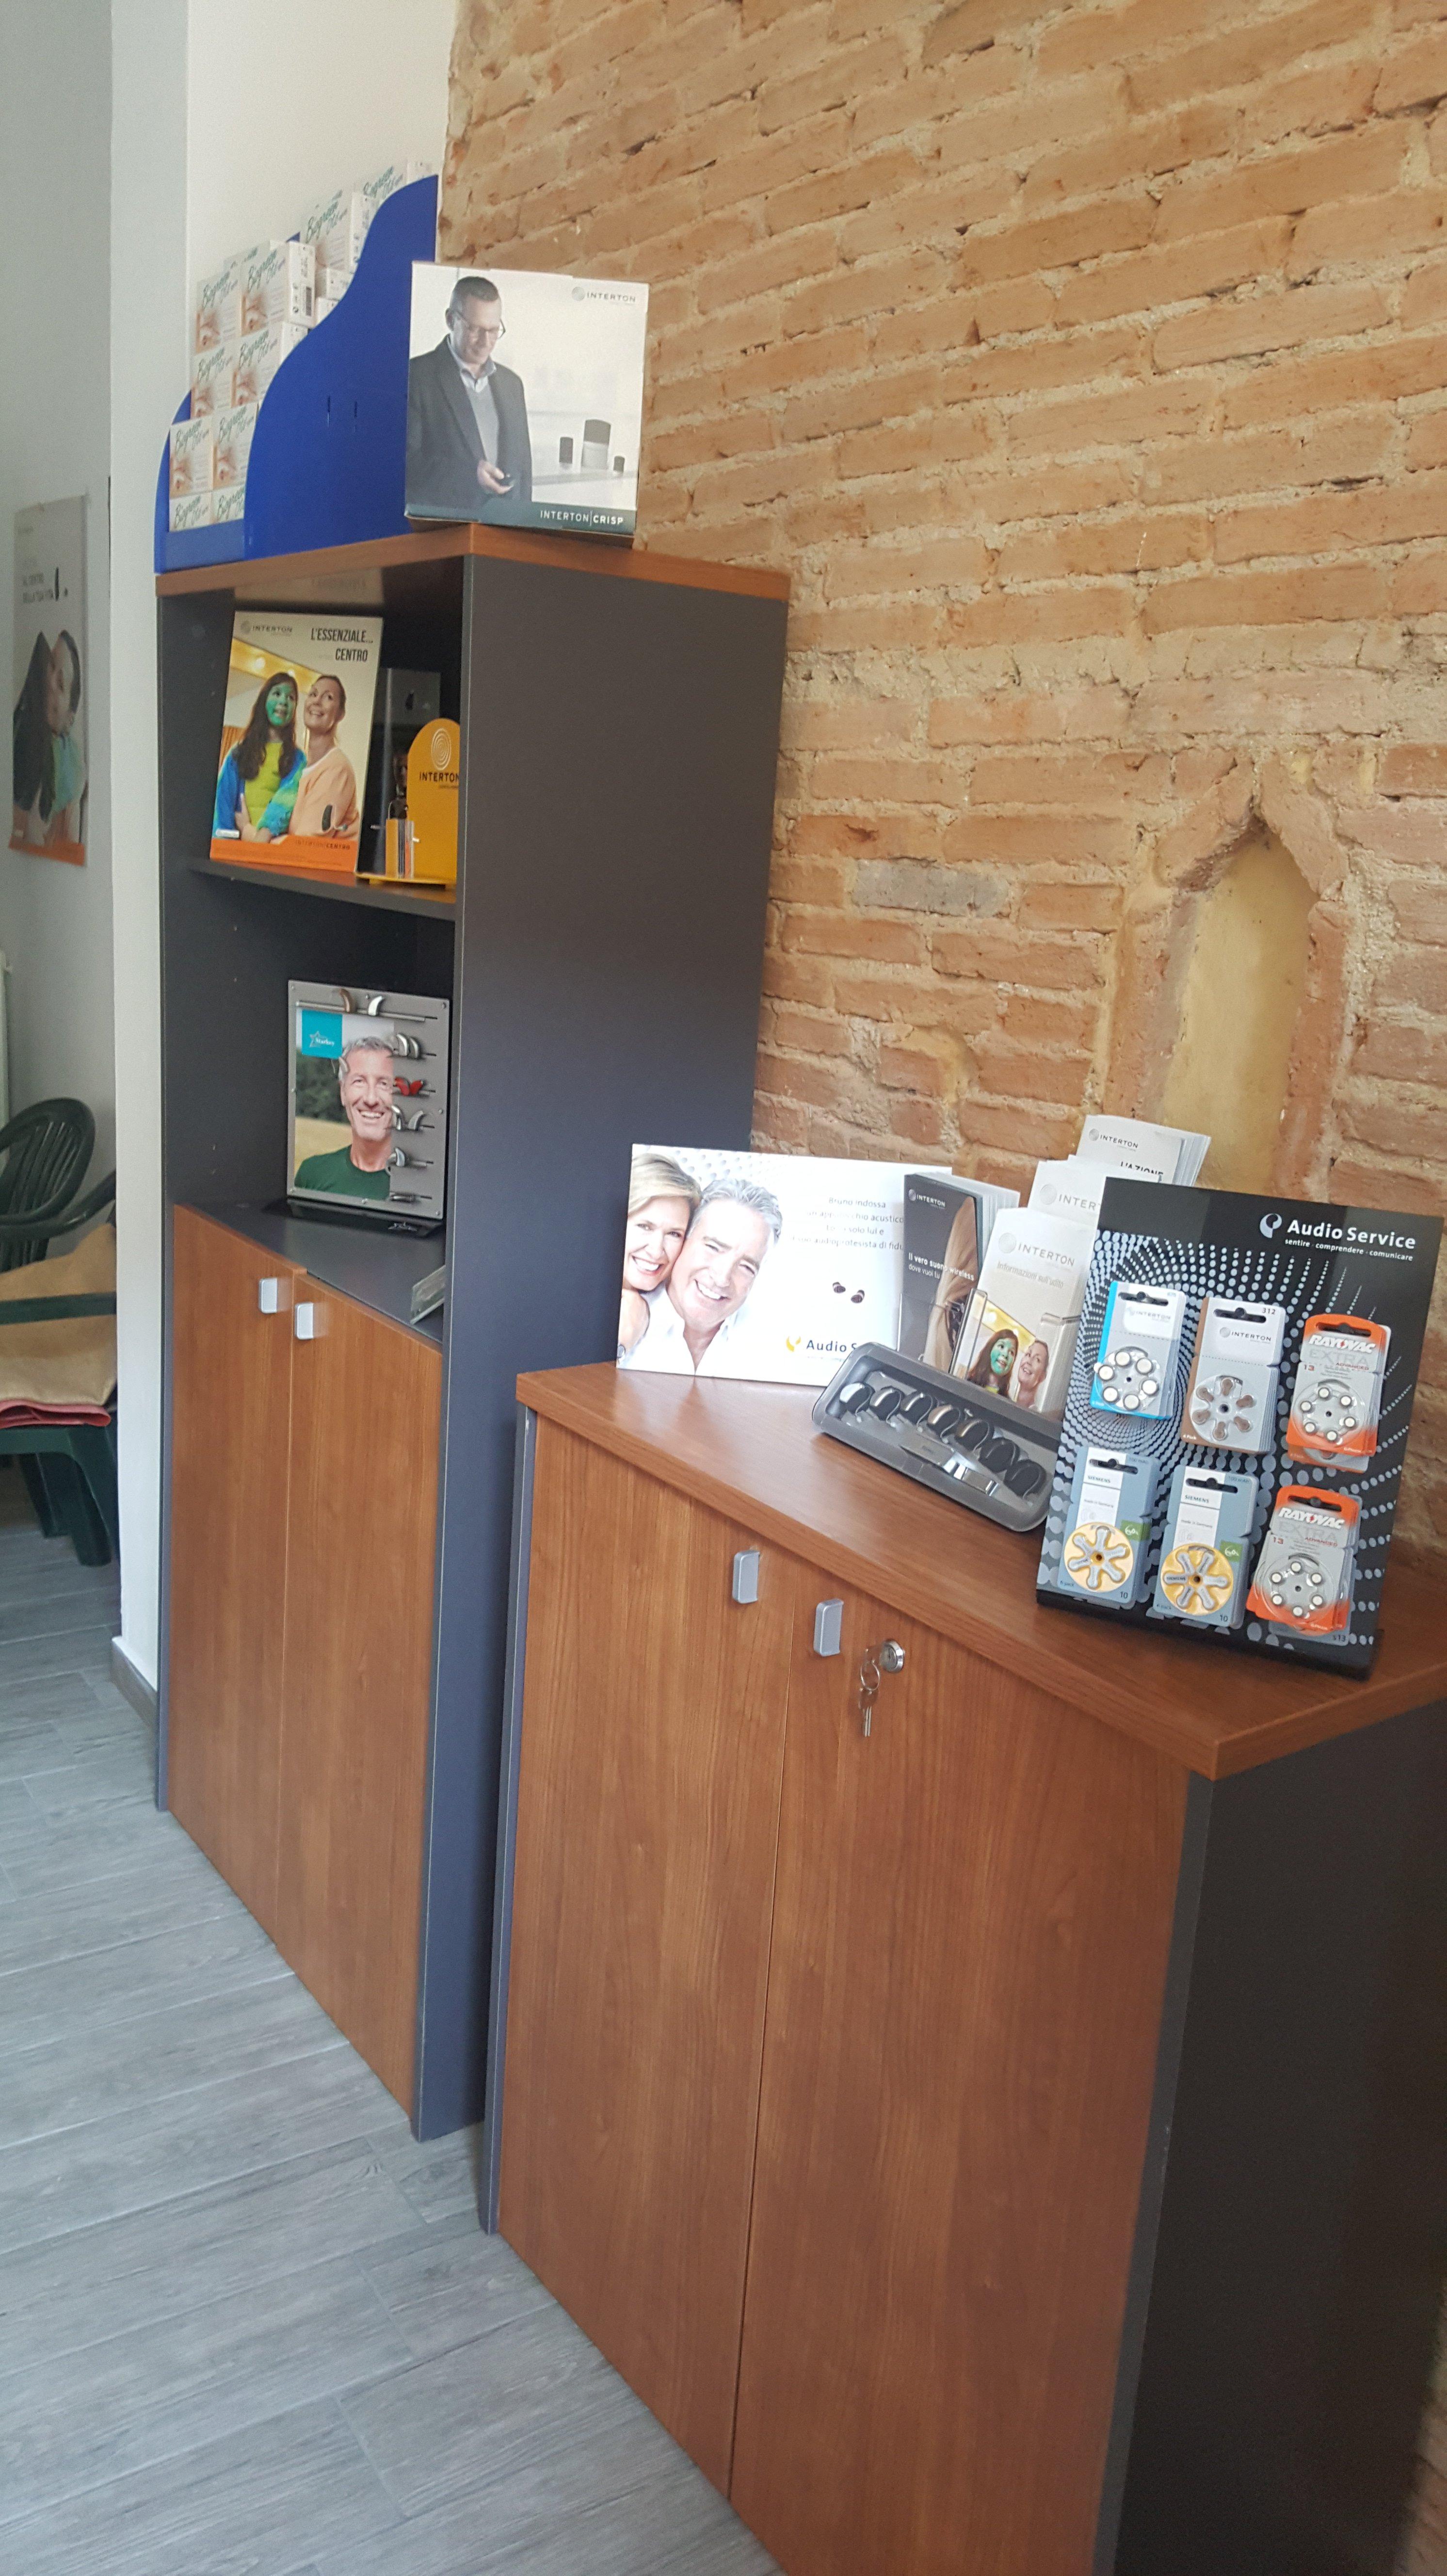 Interno del negozio per apparecchi acustici a VIbo Valentia